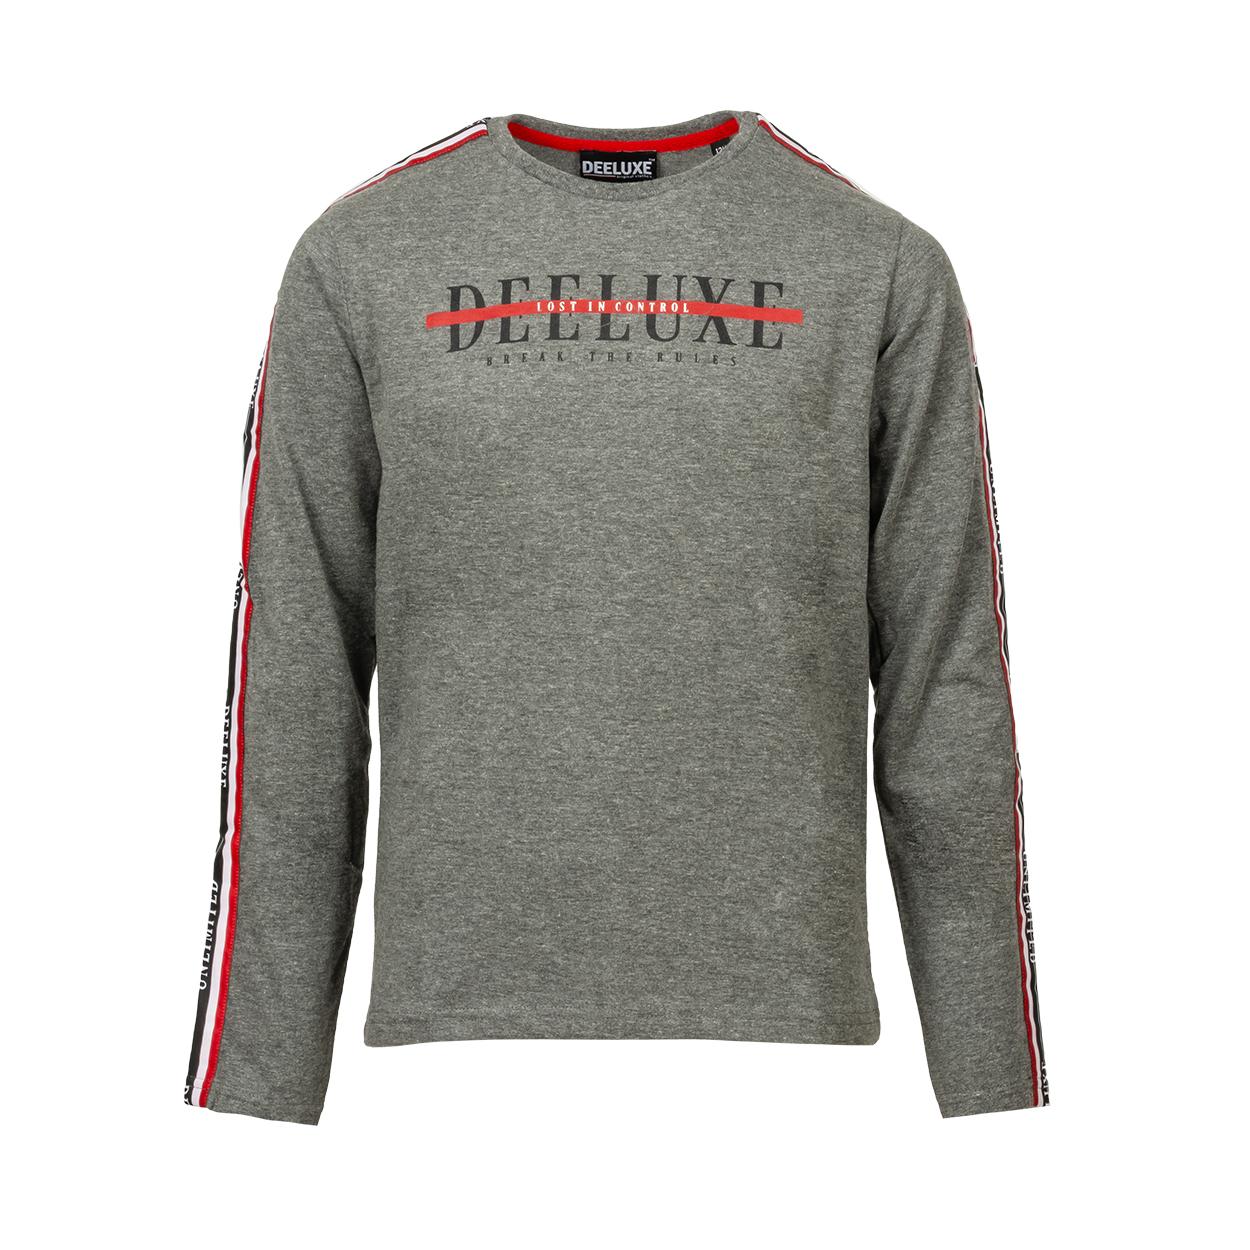 Tee-shirt manches longues  ralfy en coton gris chiné floqué en gris anthracite et rouge